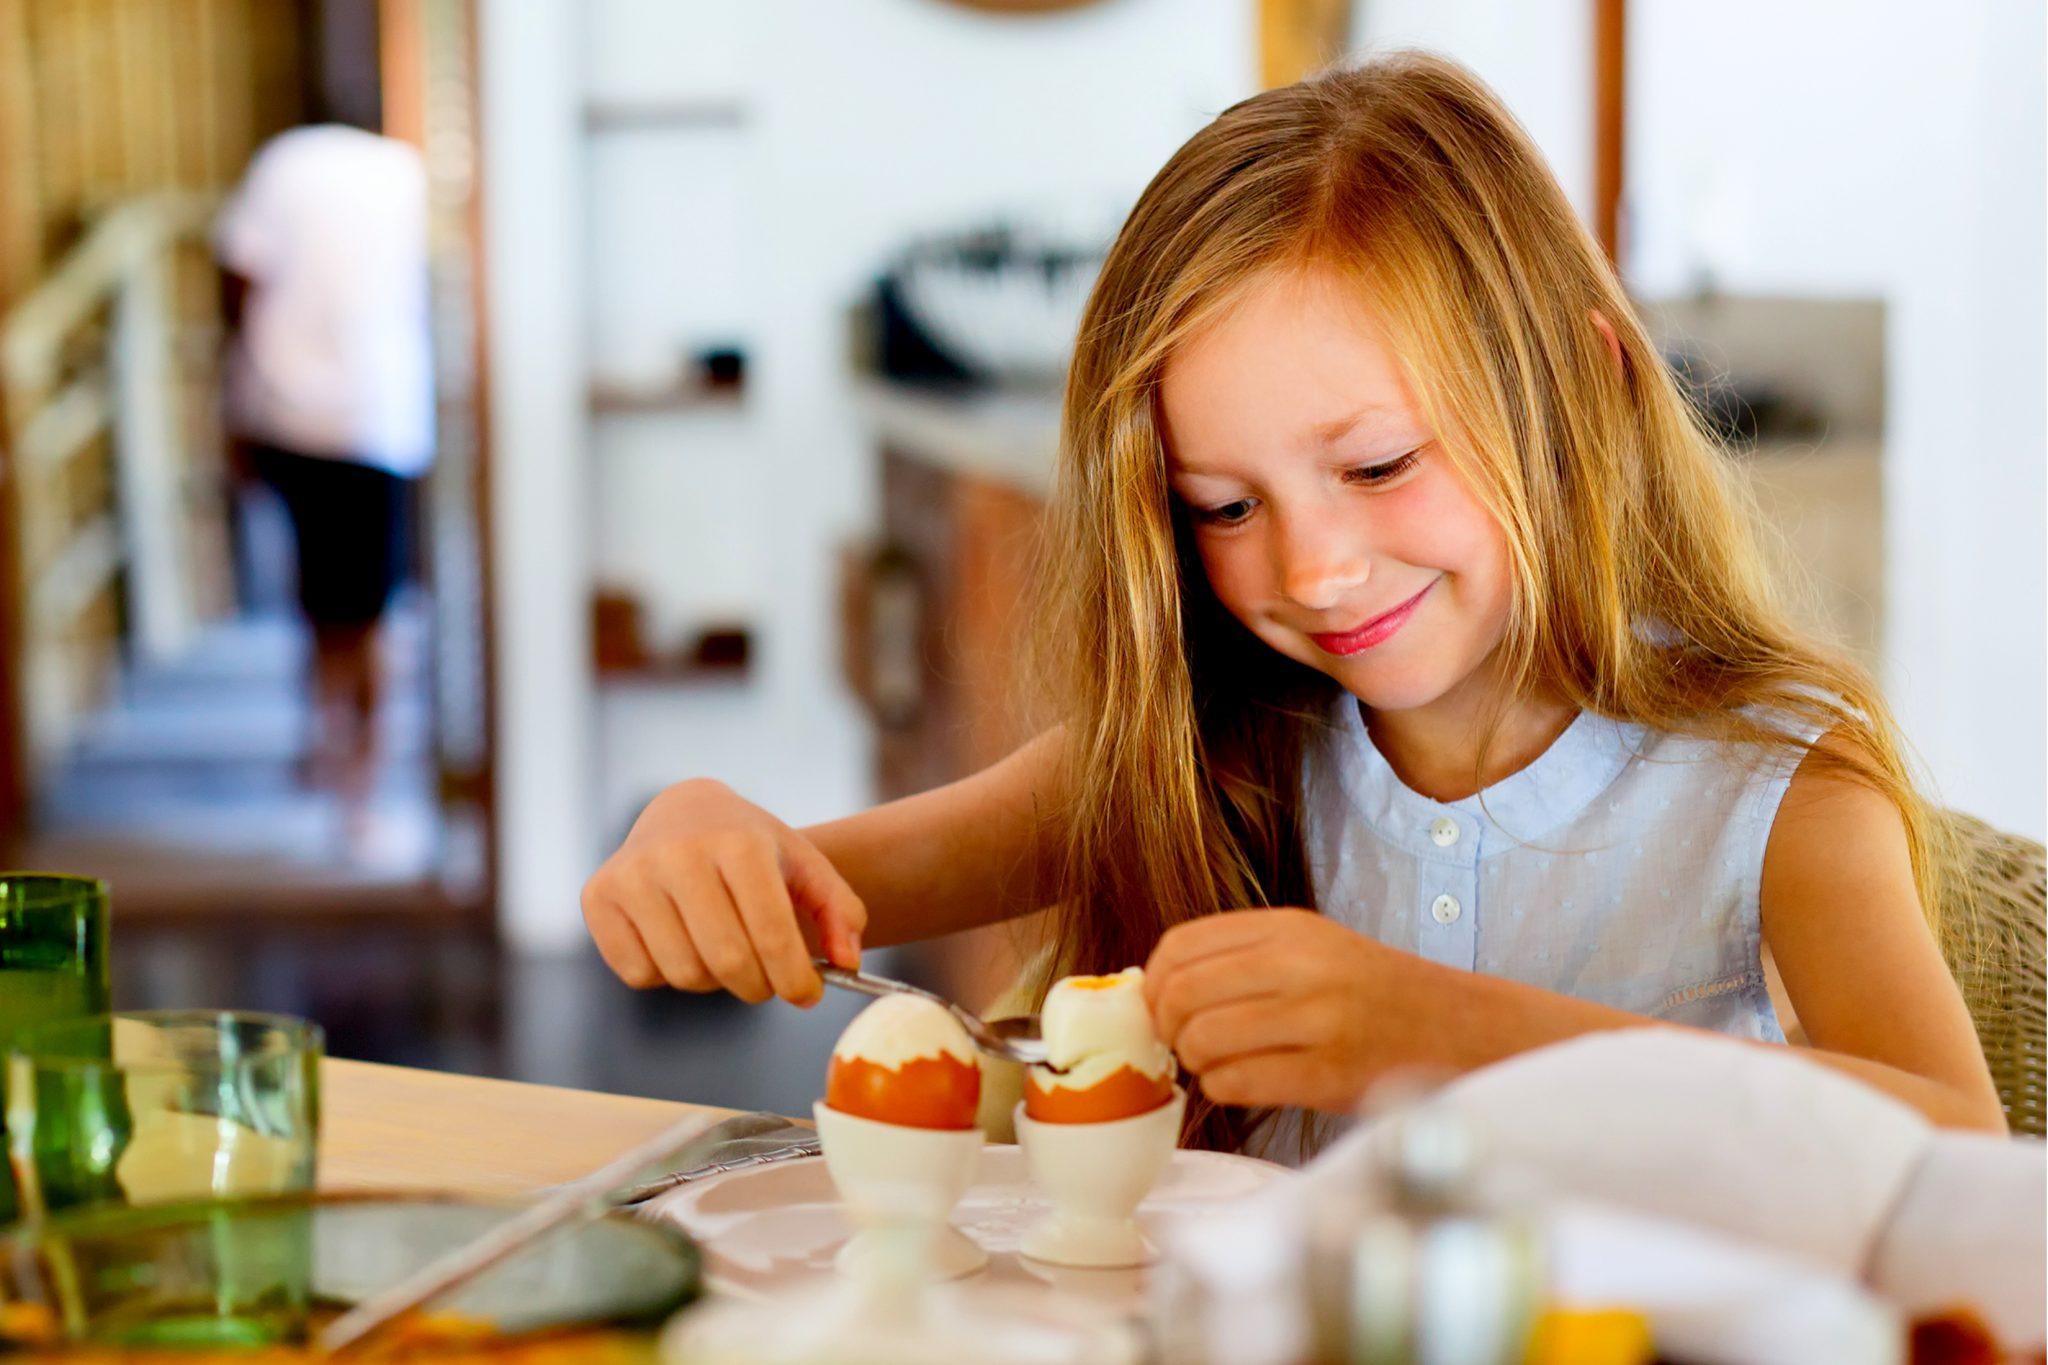 茹で卵を食べている女の子